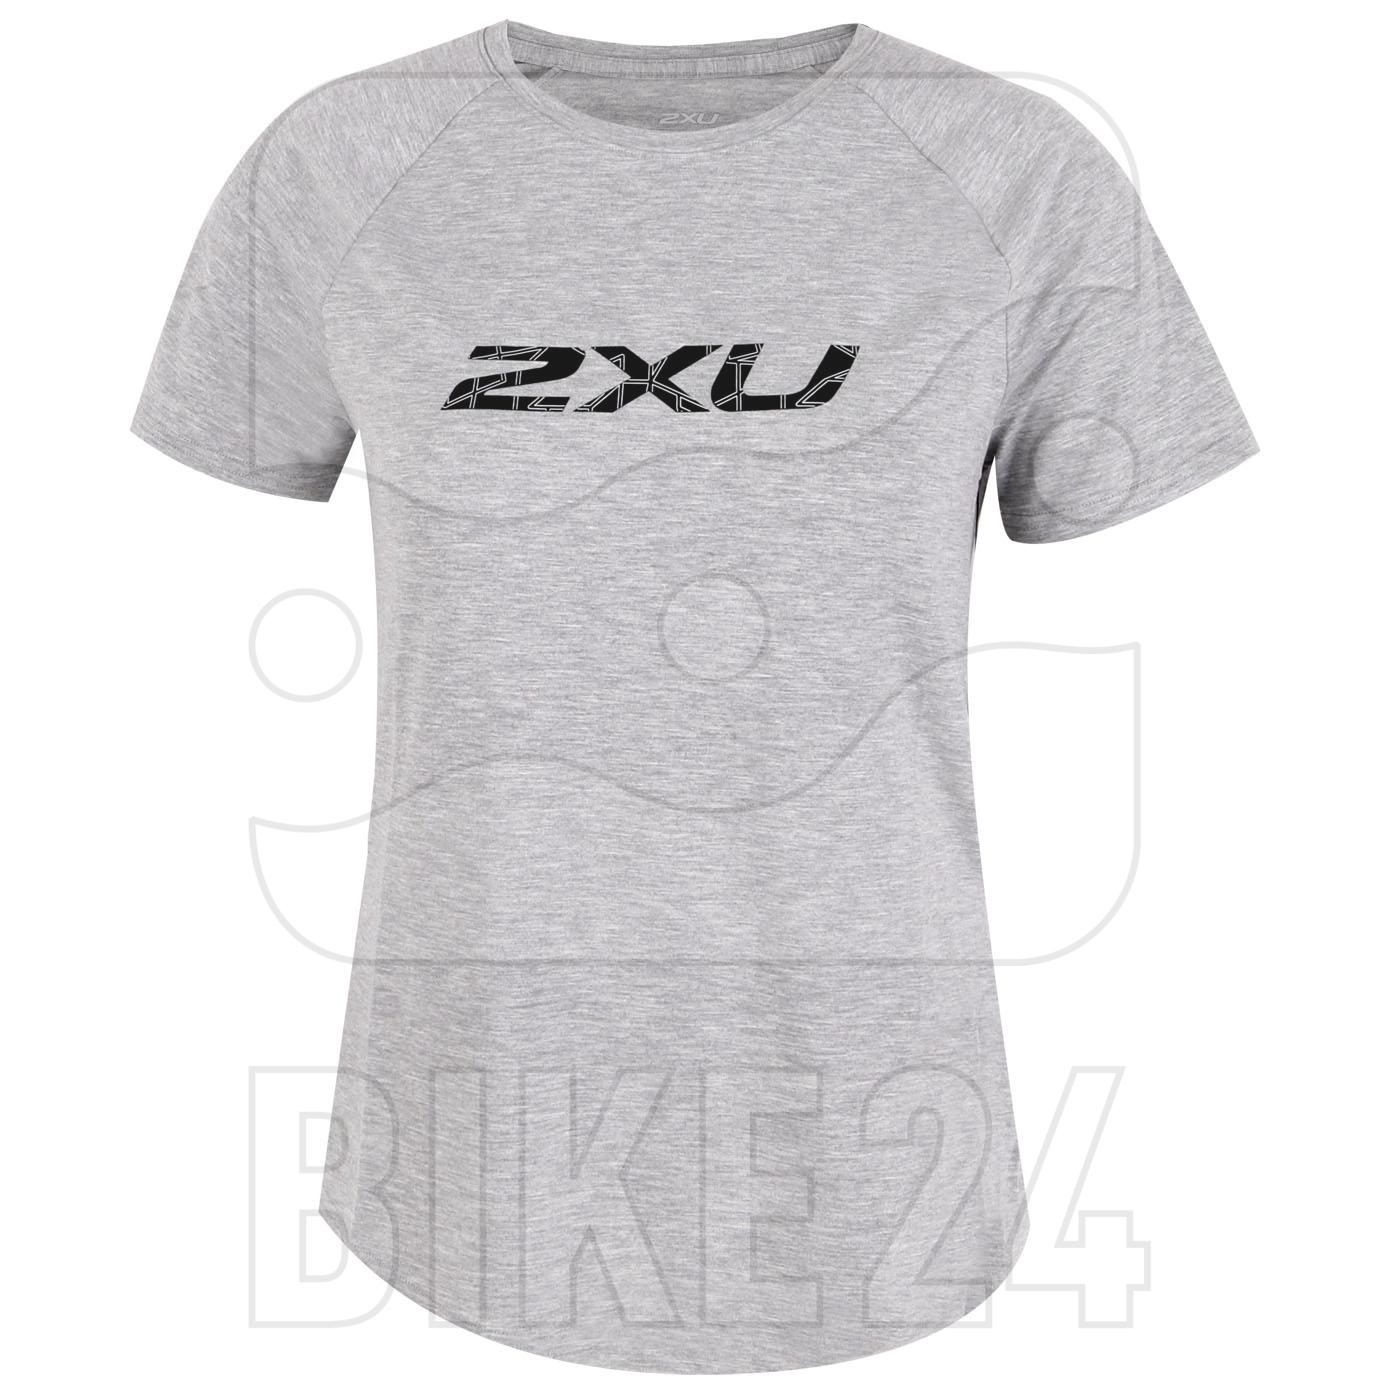 Imagen de 2XU CONTENDER Camiseta para mujer - grey marle/geo lines